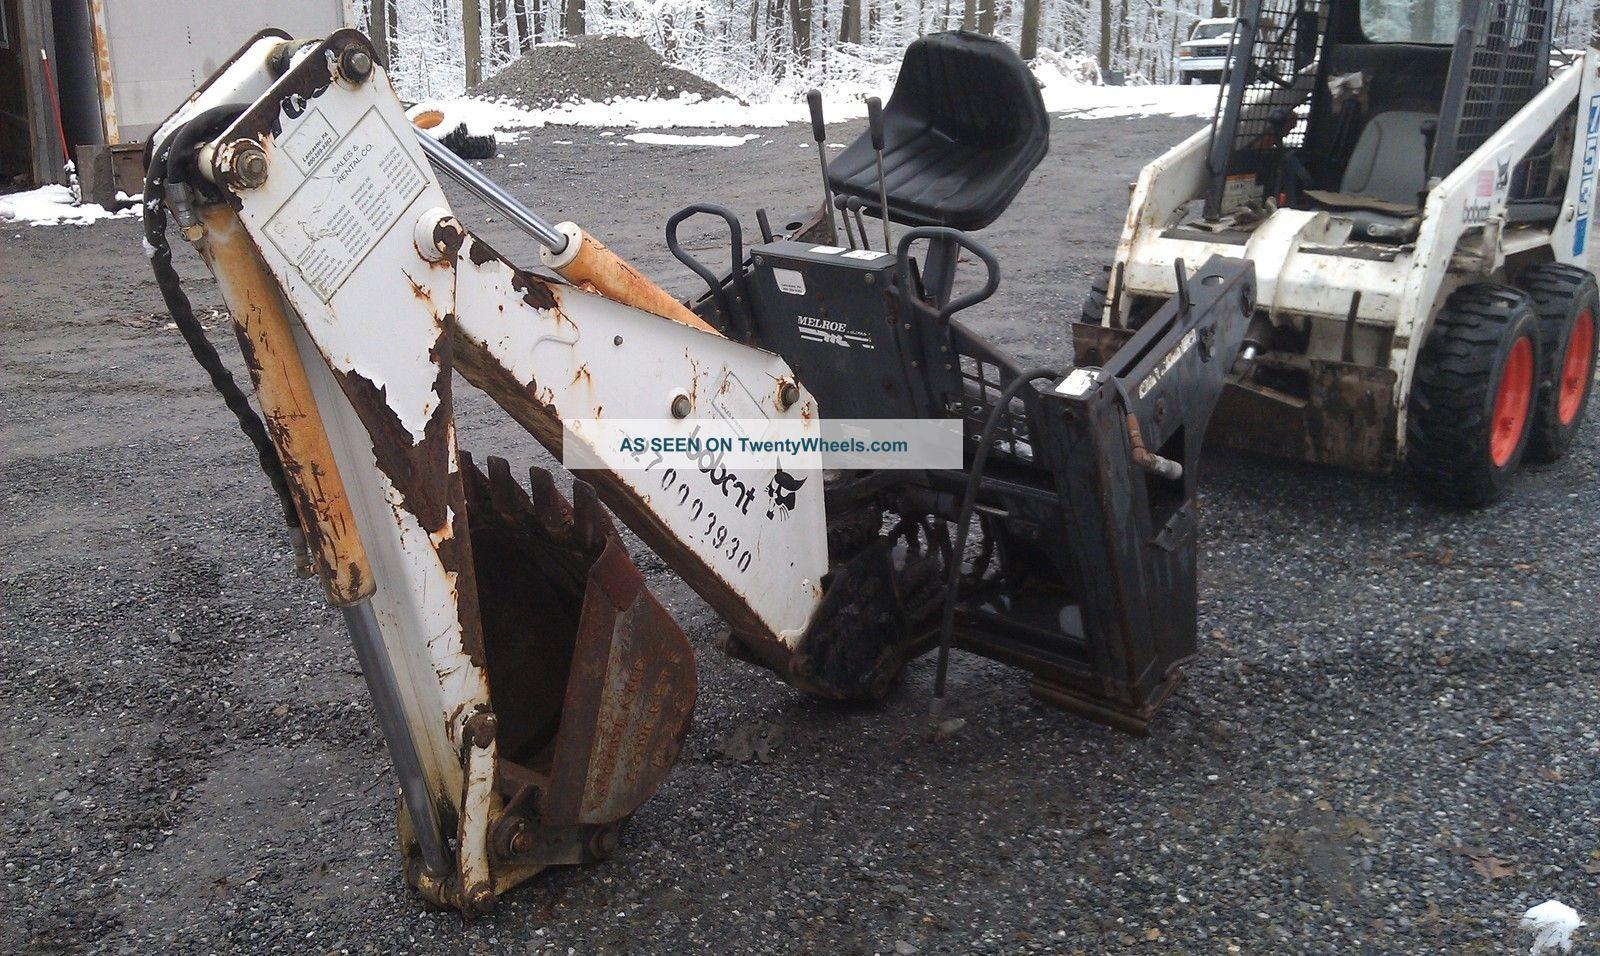 Skid Steer Backhoe : Bobcat skid steer loader with backhoe attachment